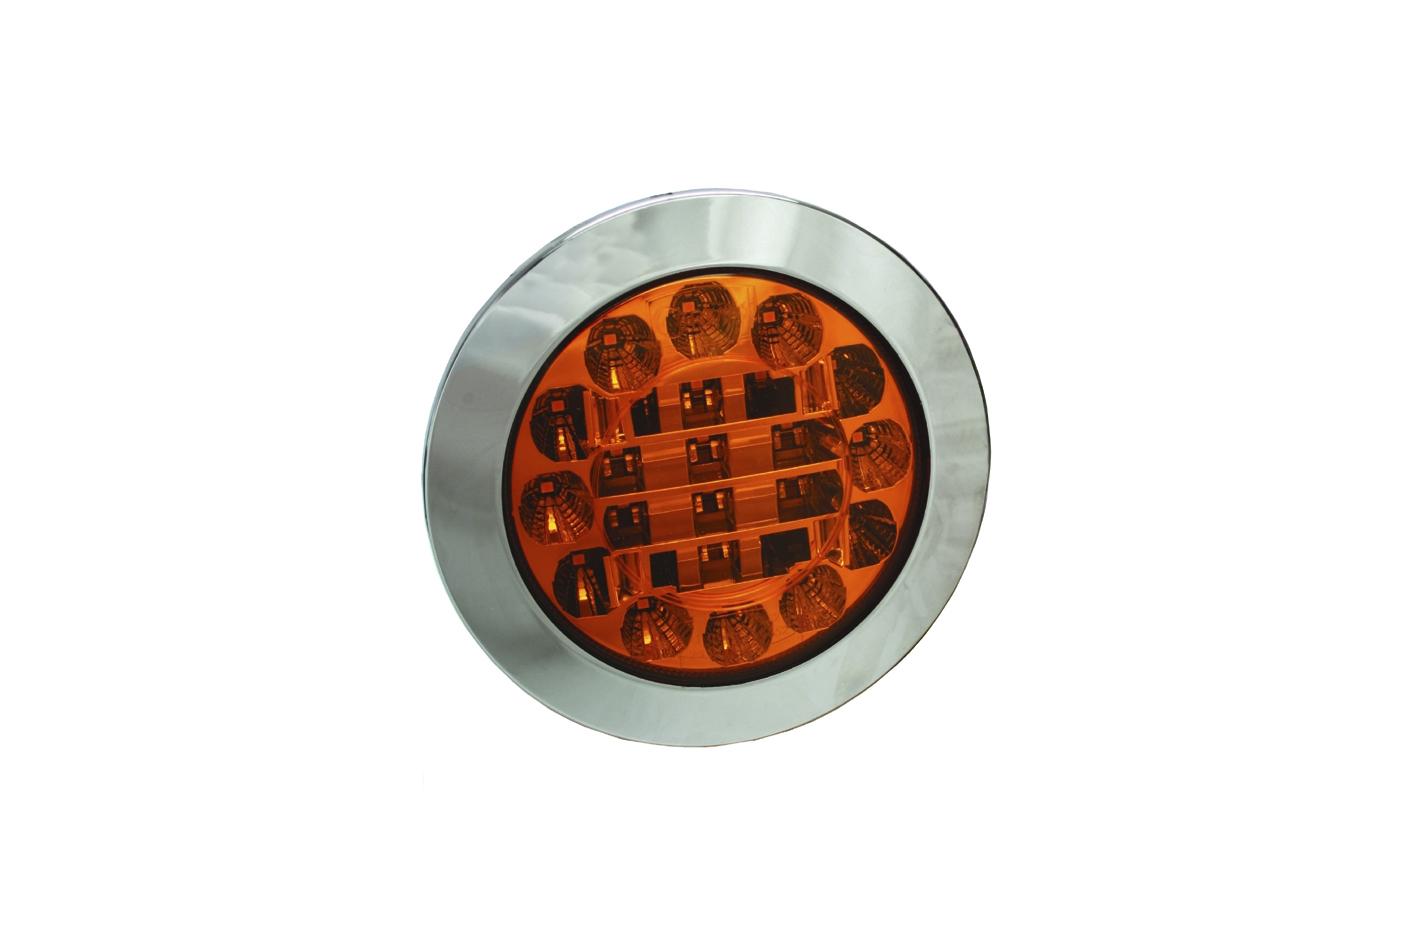 LED Heckleuchte Blinkleuchte 10-30 Volt